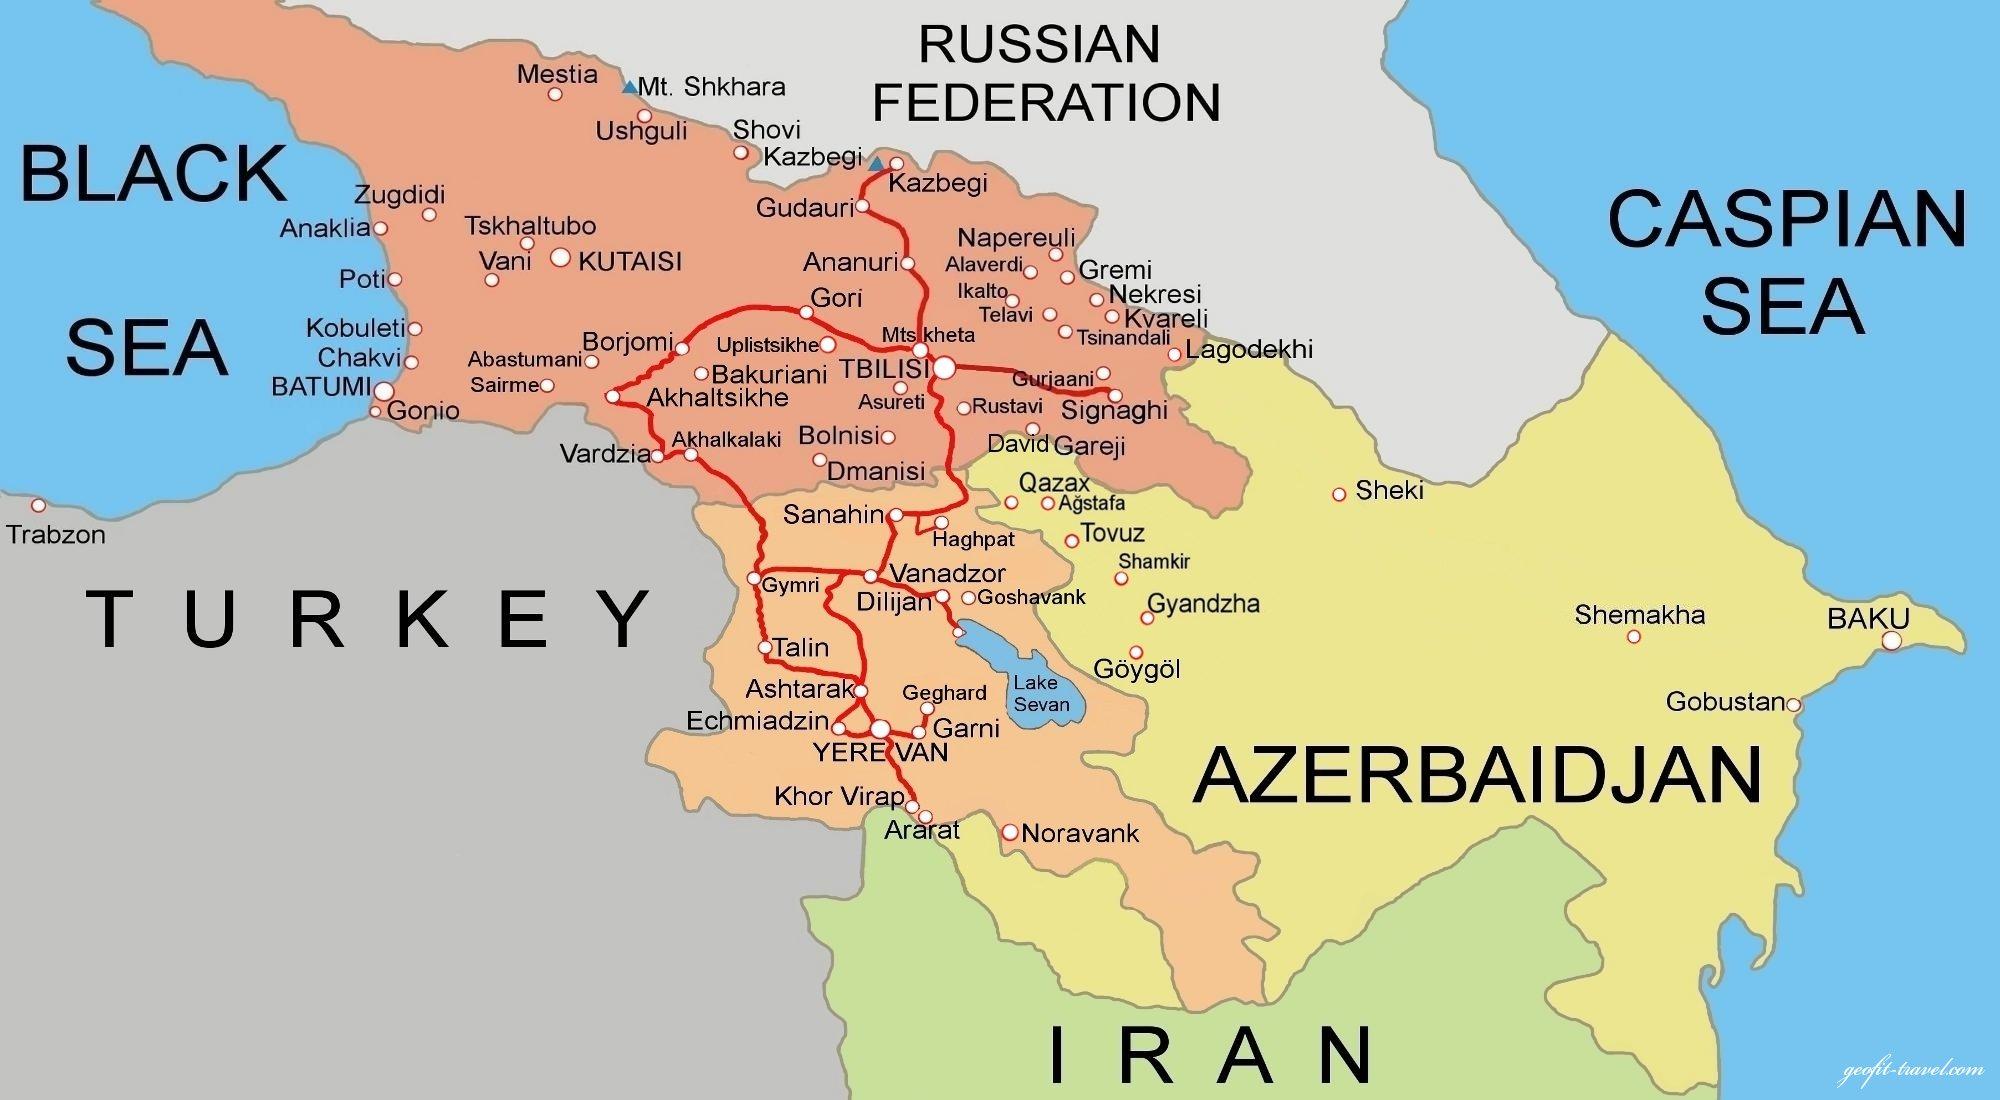 Catholic Places In Georgia Touroperator Geofit Travel - Georgia kazbegi map